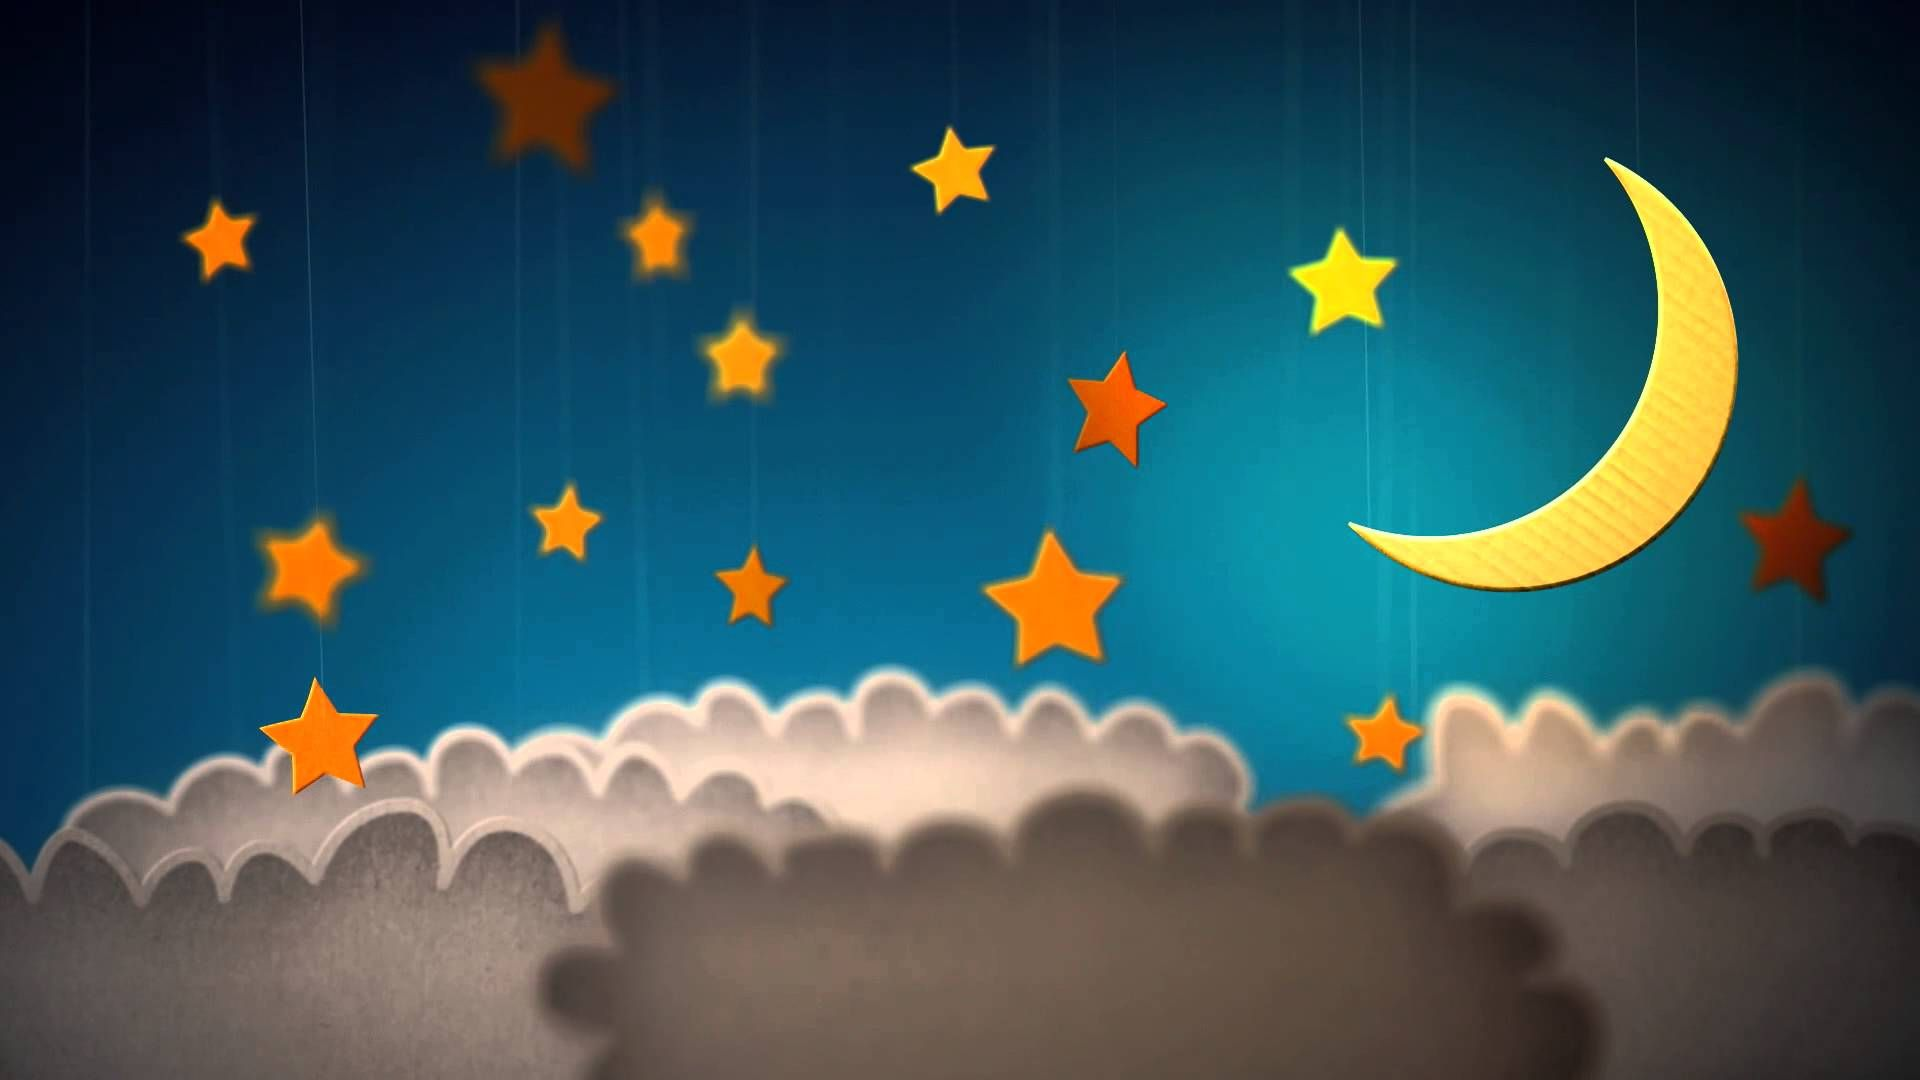 موسيقى هادئة لتنويم الاطفال موسيقى هادئة تساعد الاطفال على النوم موسيقى نوم الاطفال بعد يوم مفعم بالحيوة والنشاط است Cloud Decoration Lullabies Kids Headboard